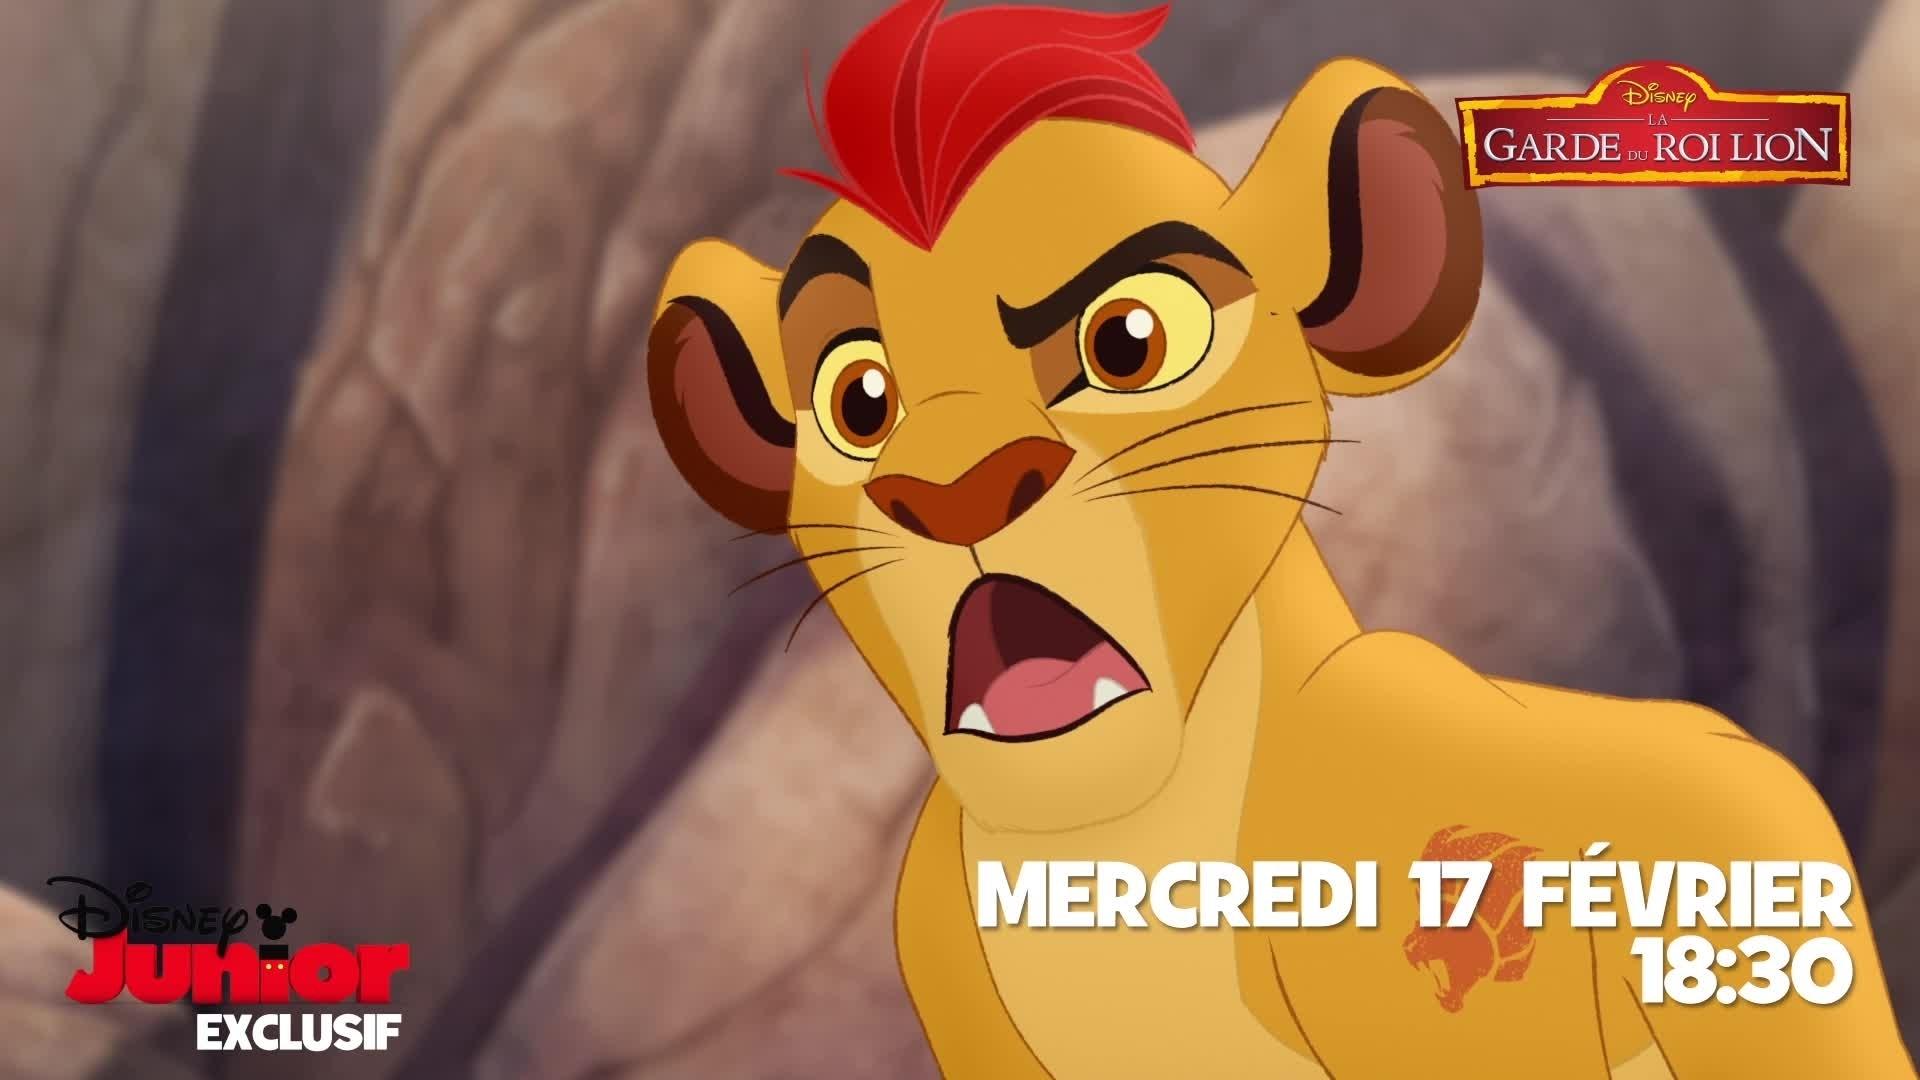 La Garde du Roi Lion - Chanson